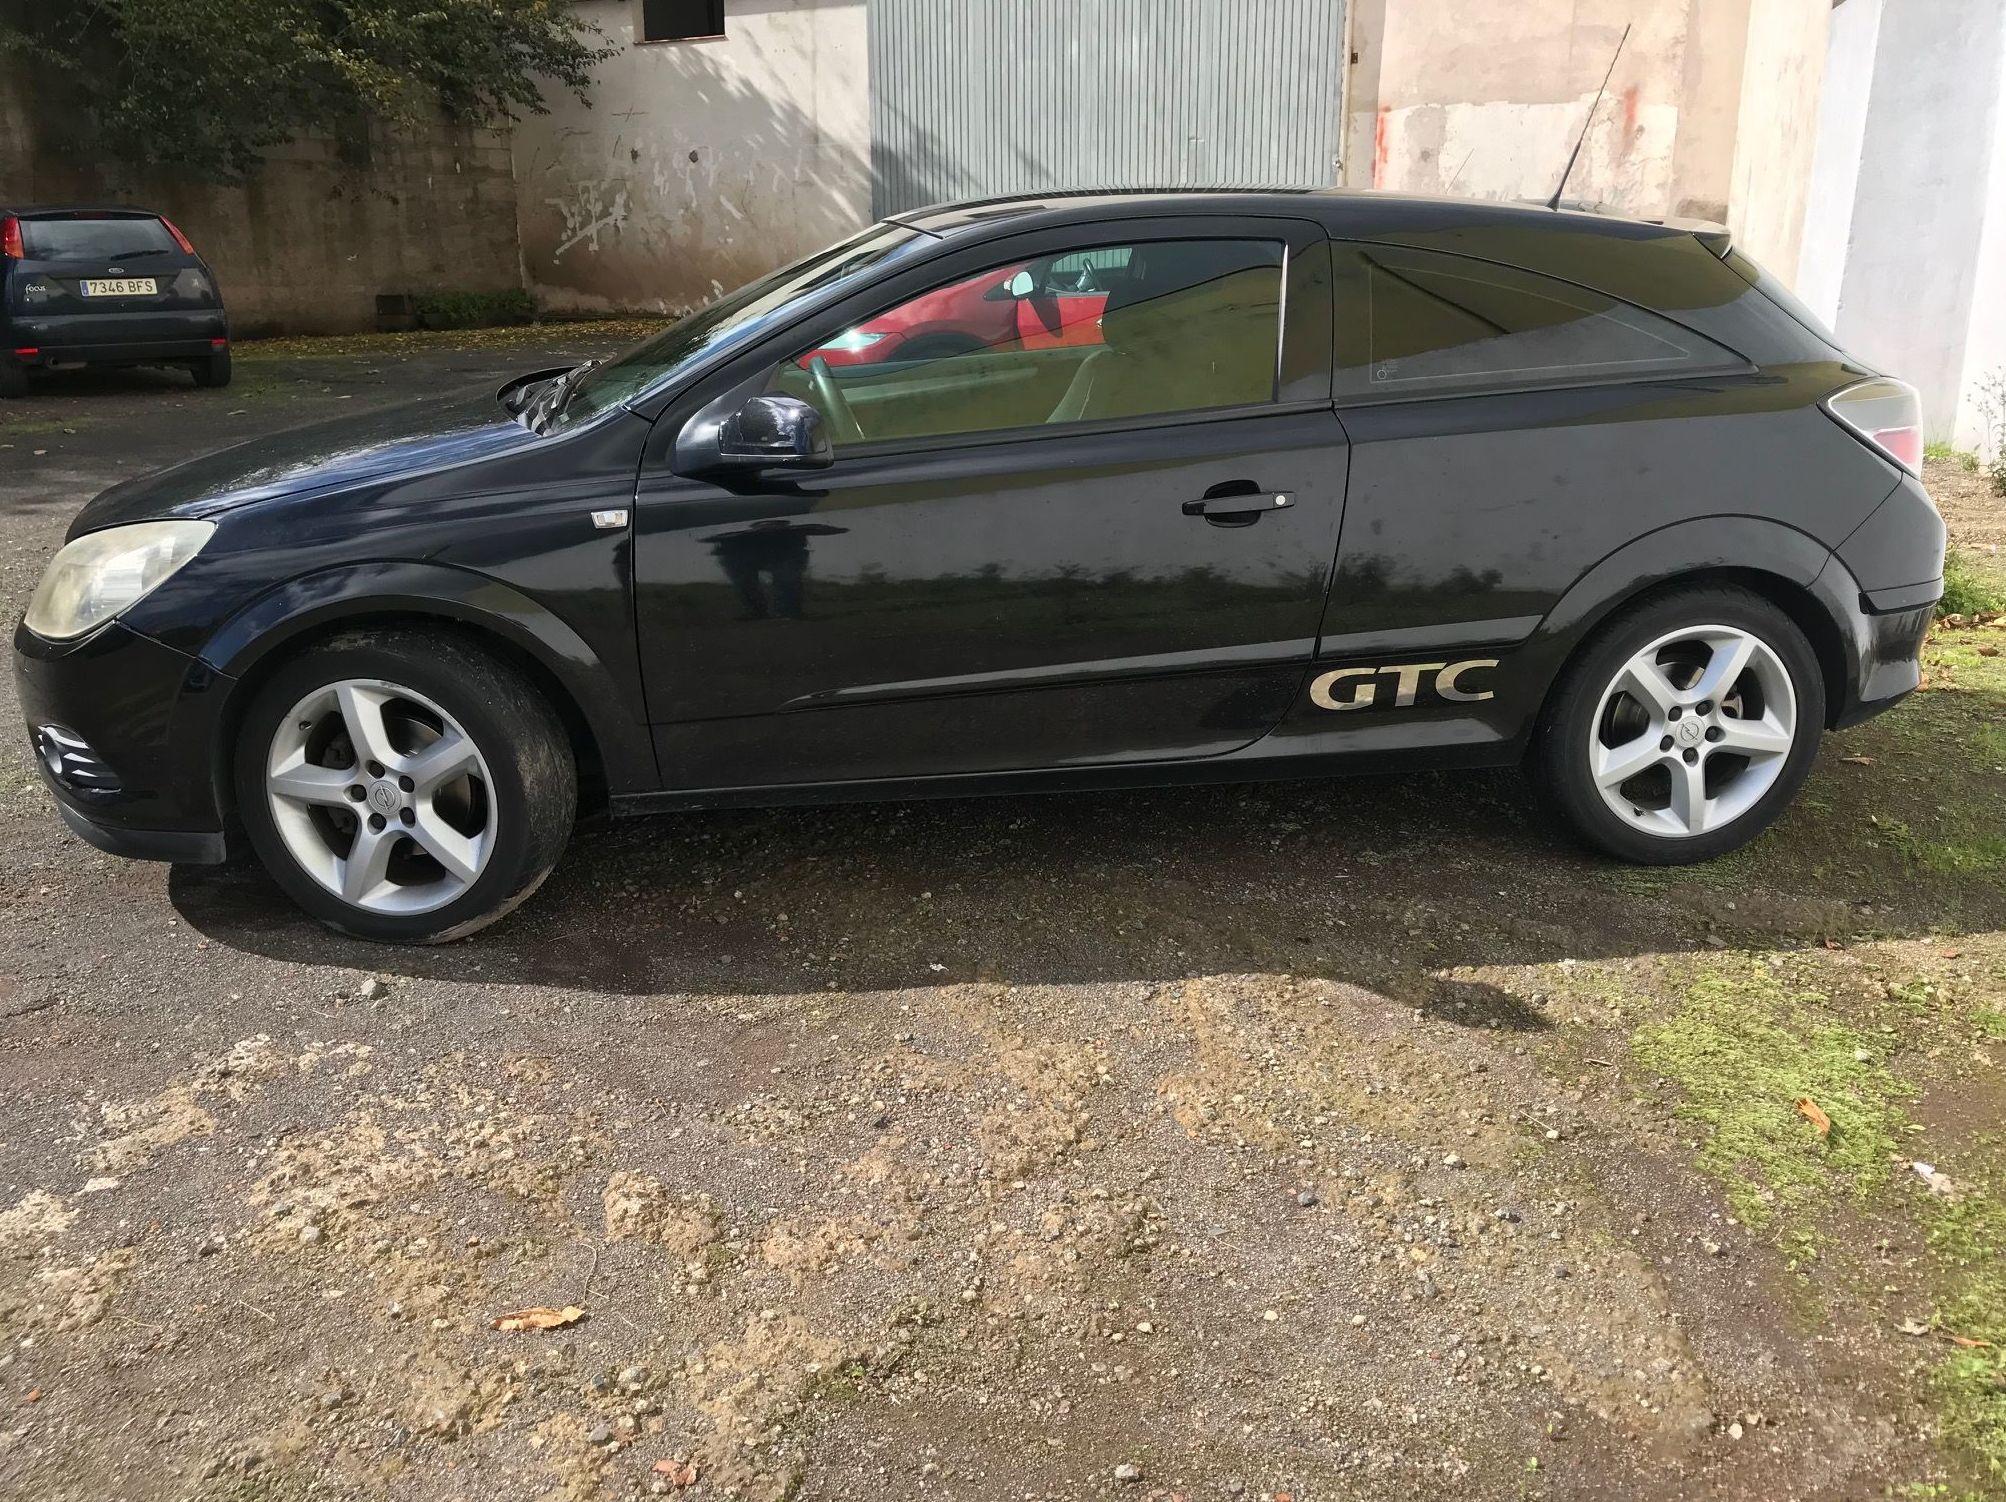 OPEL ASTRA GTC: Vehículos de ocasión de Car Plus Canarias